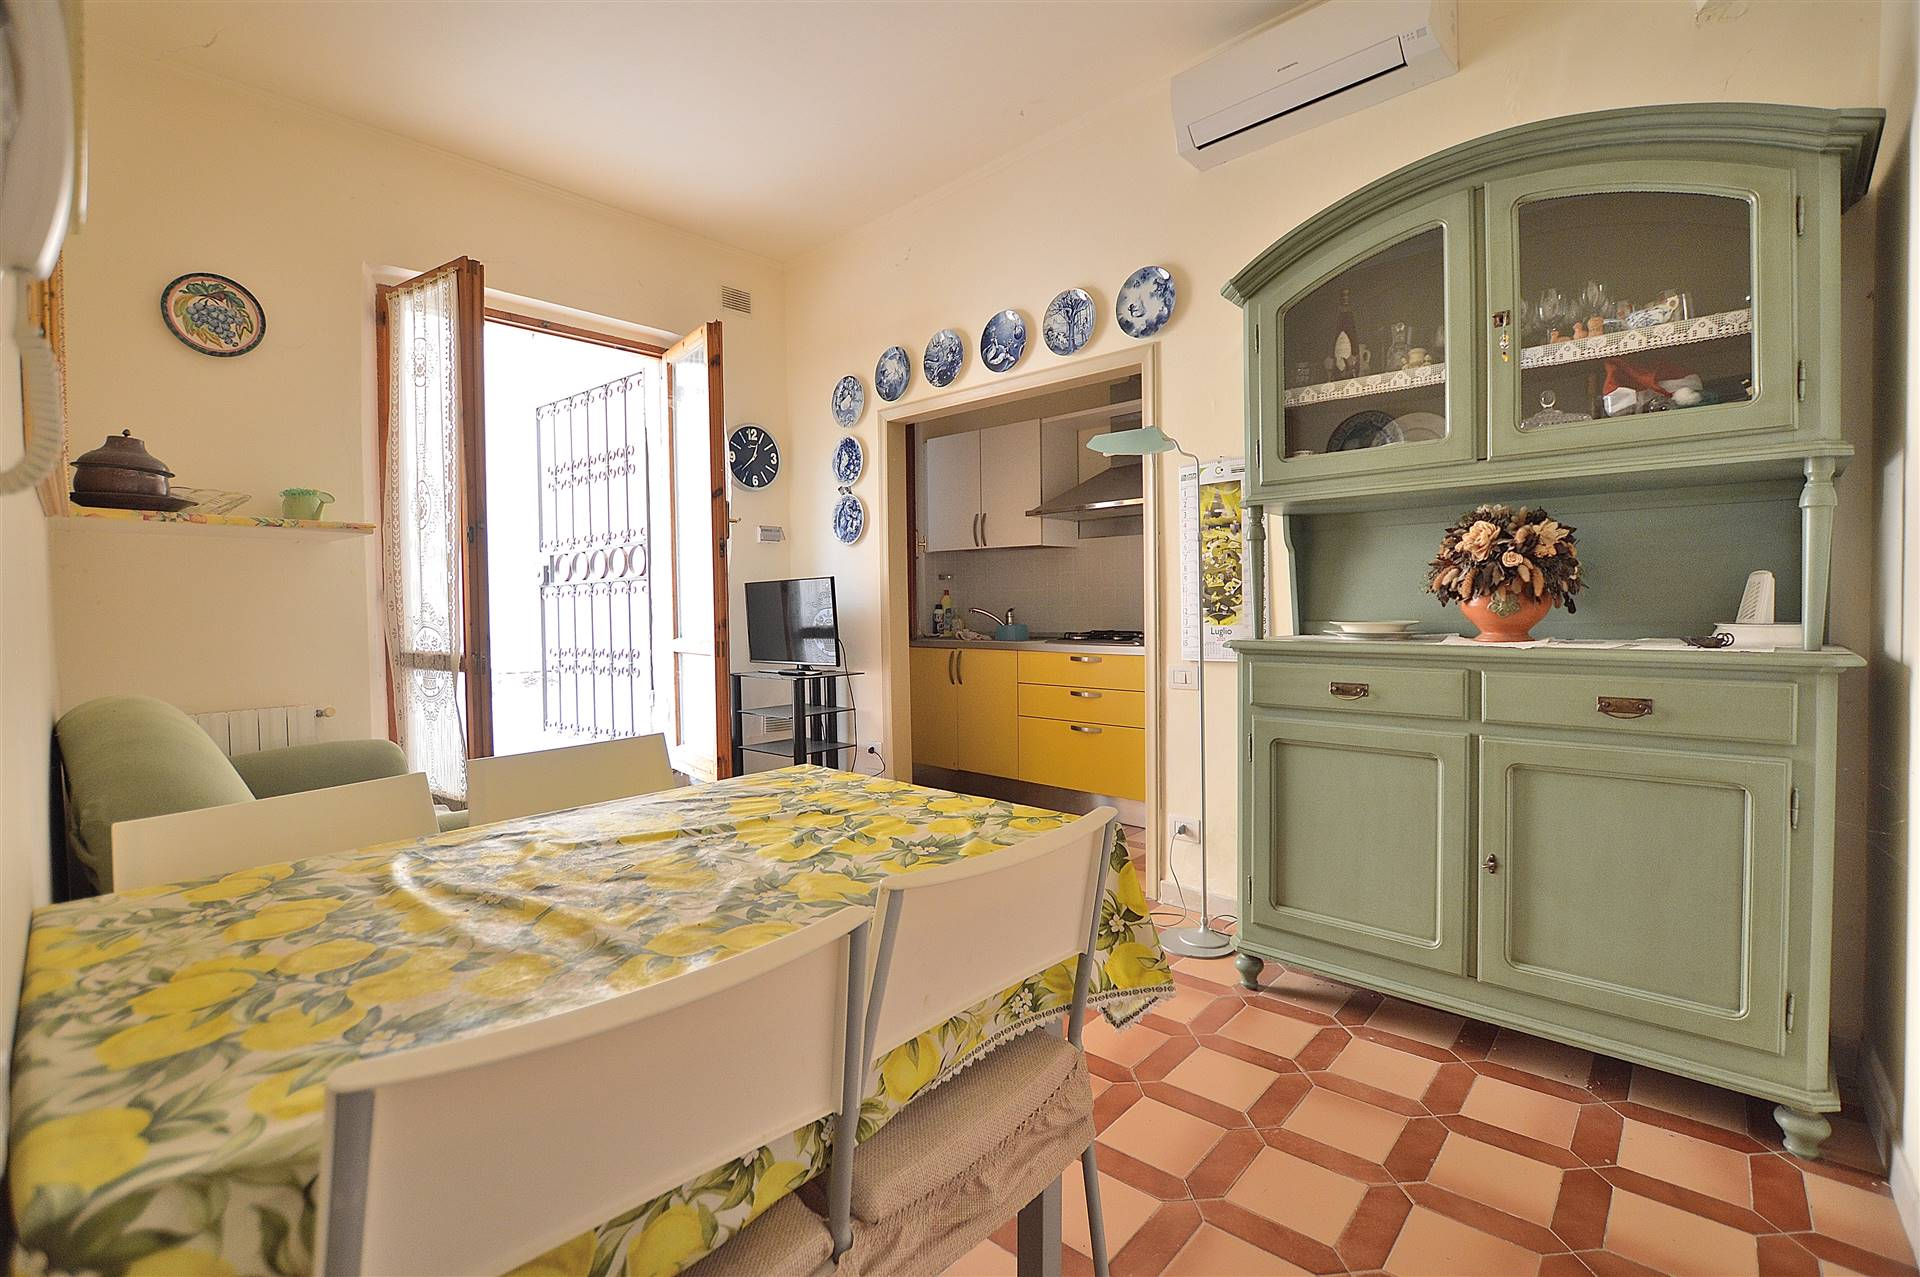 Strada di Certosa, in piacevole contesto residenziale, proponiamo appartamento posto al piano terra con resede privato senza condominio. L' appartamento si dispone su un unico livello ed è composto